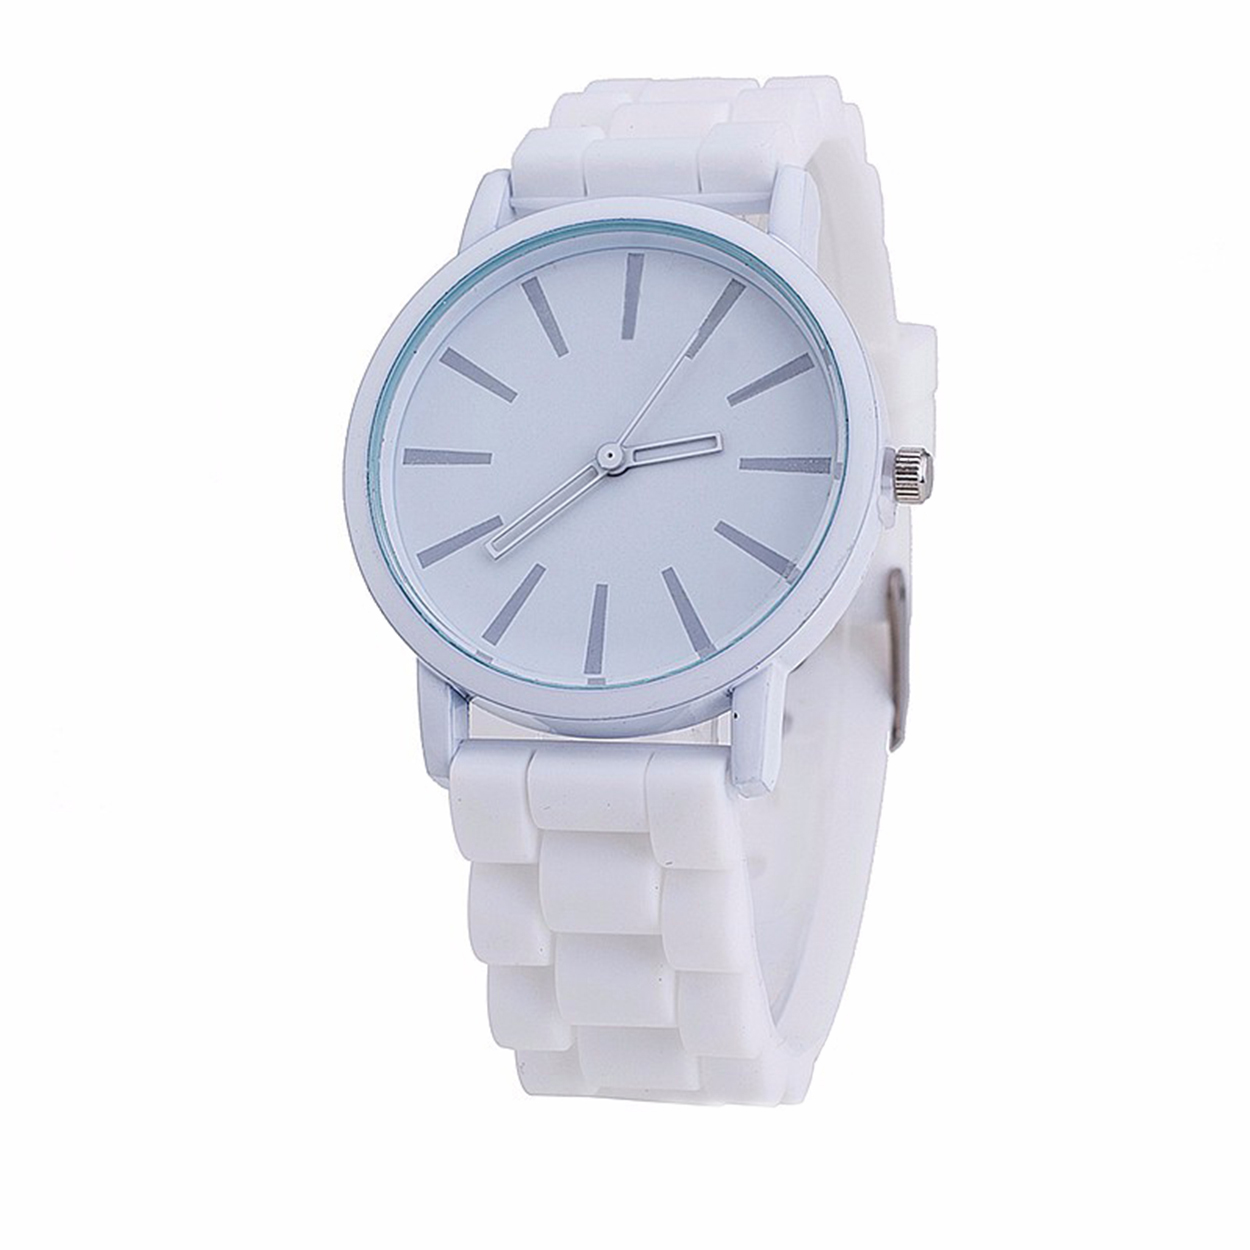 ساعت مچی عقربه ای مدل watch2585W